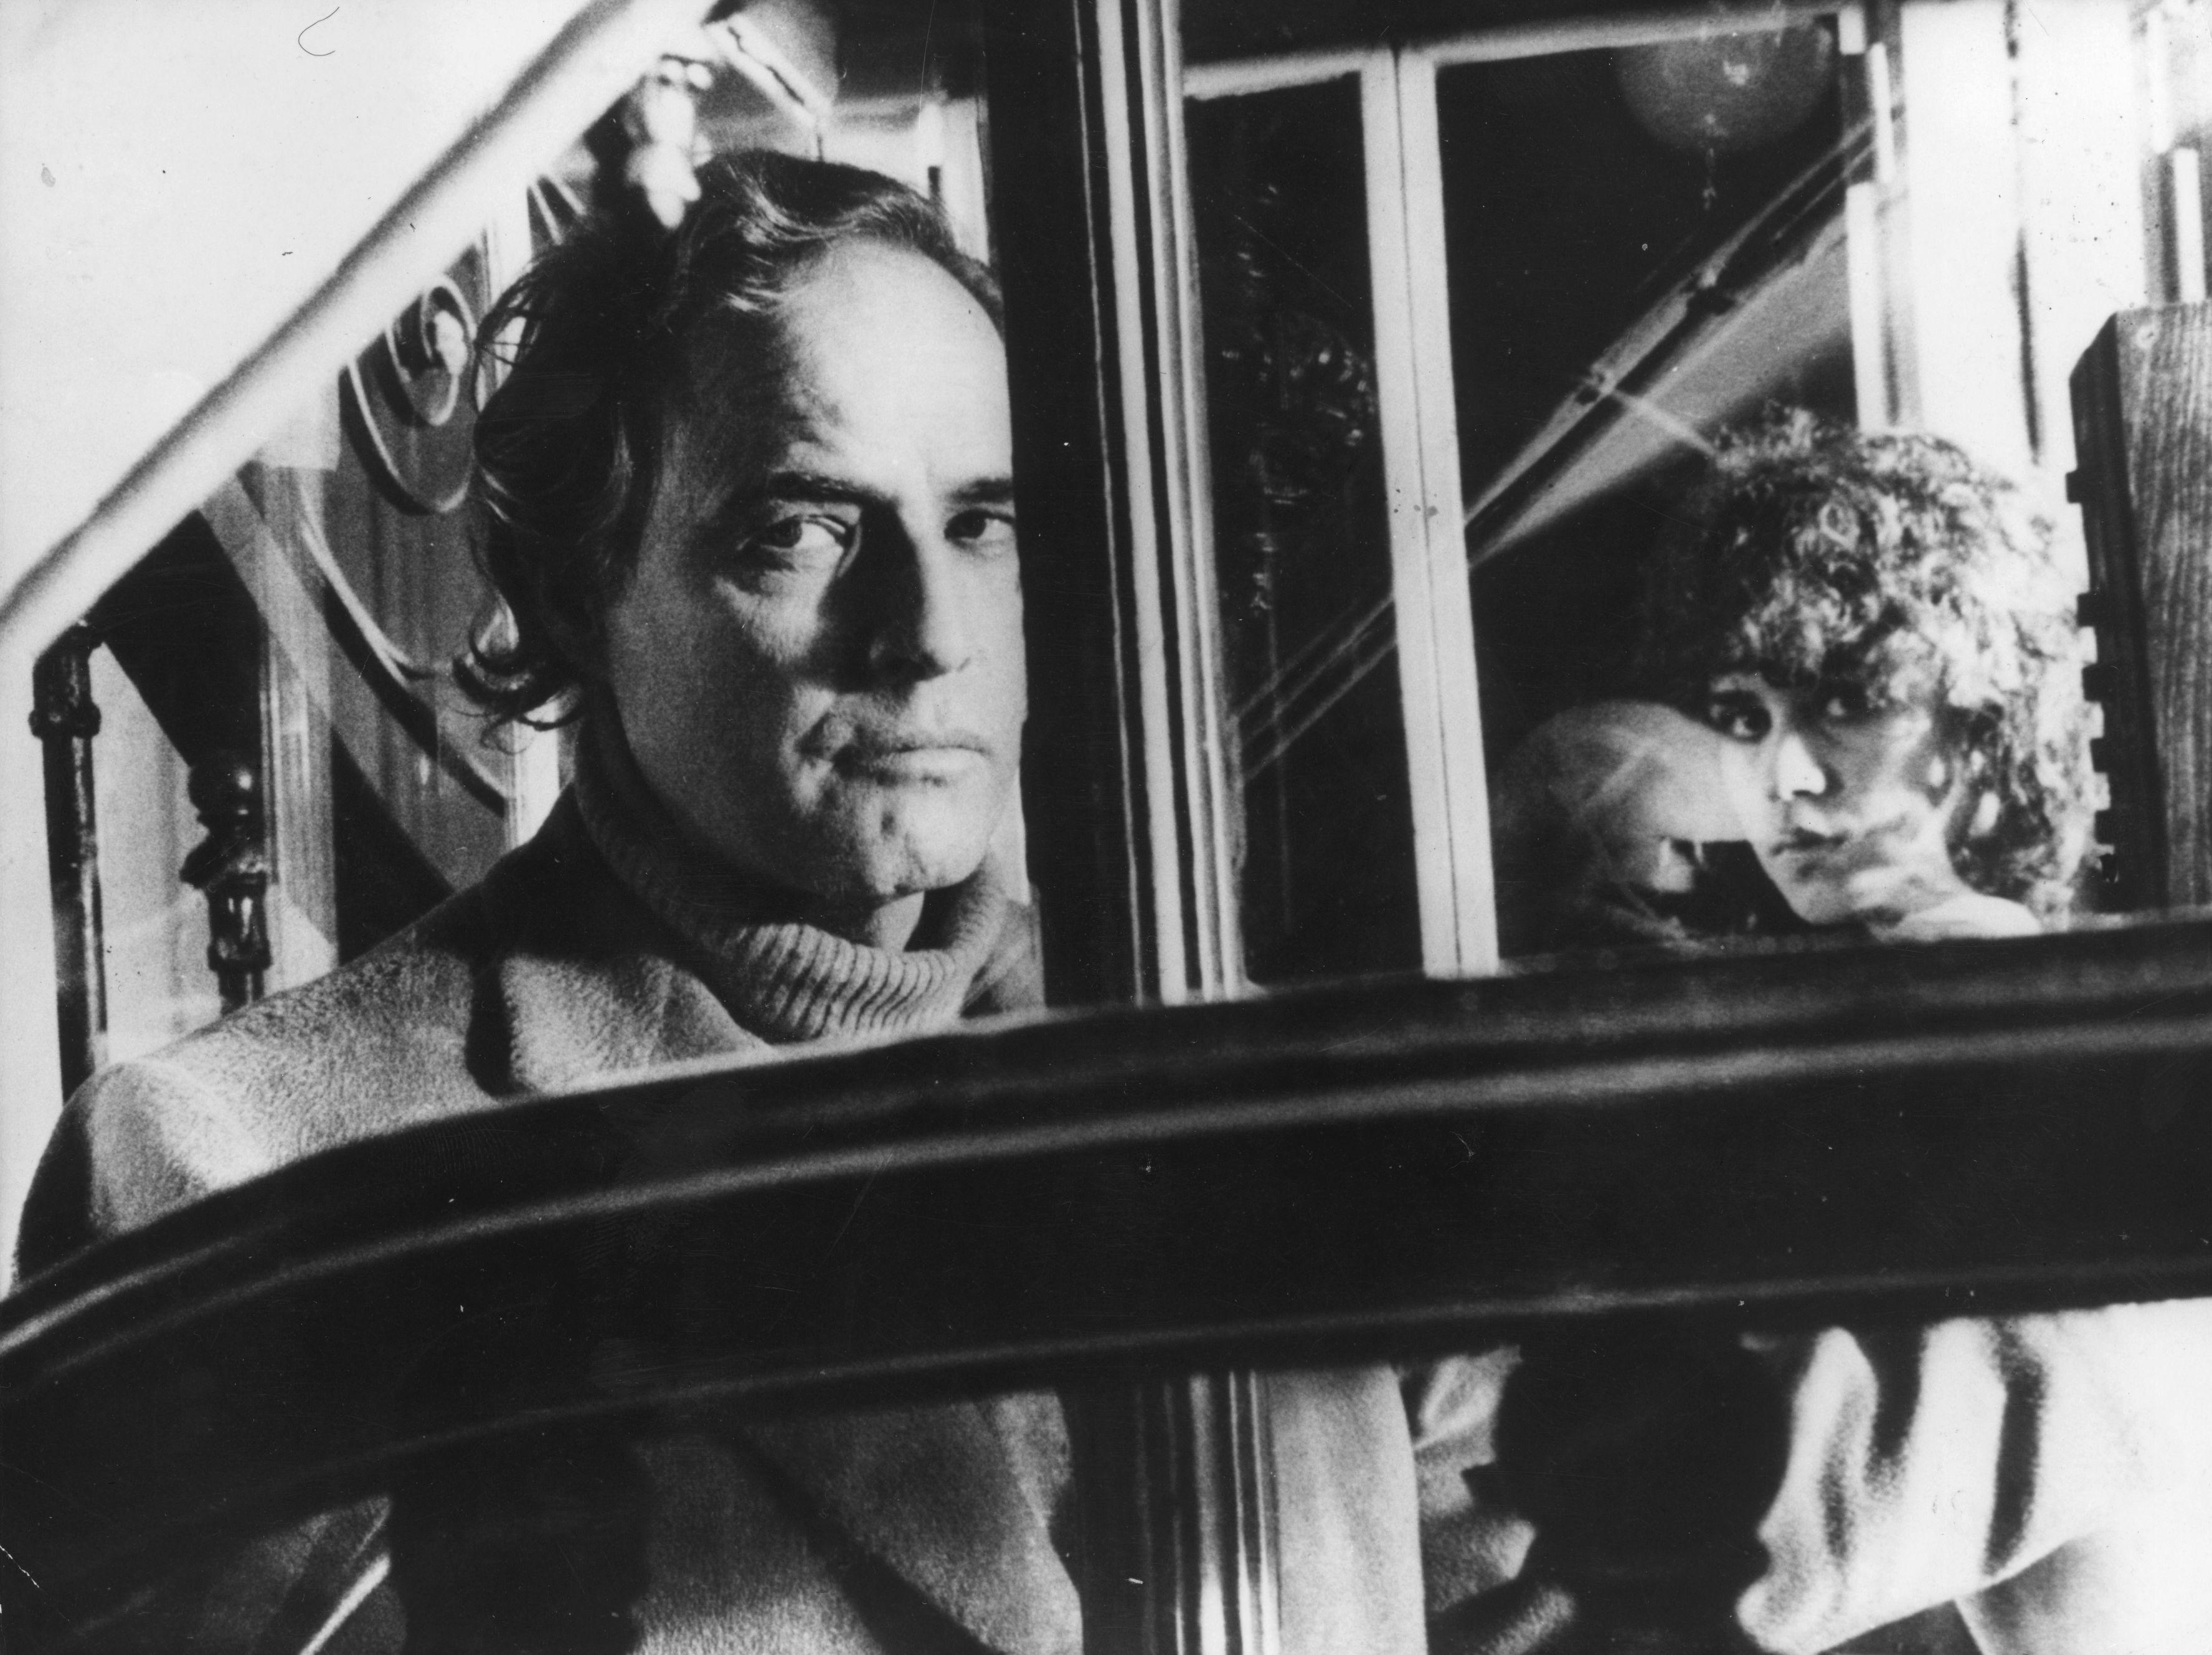 Бертолучи осъзнато оставя някои неща неразкрити, за да няма възможност зрителят да разбере филма изцяло.